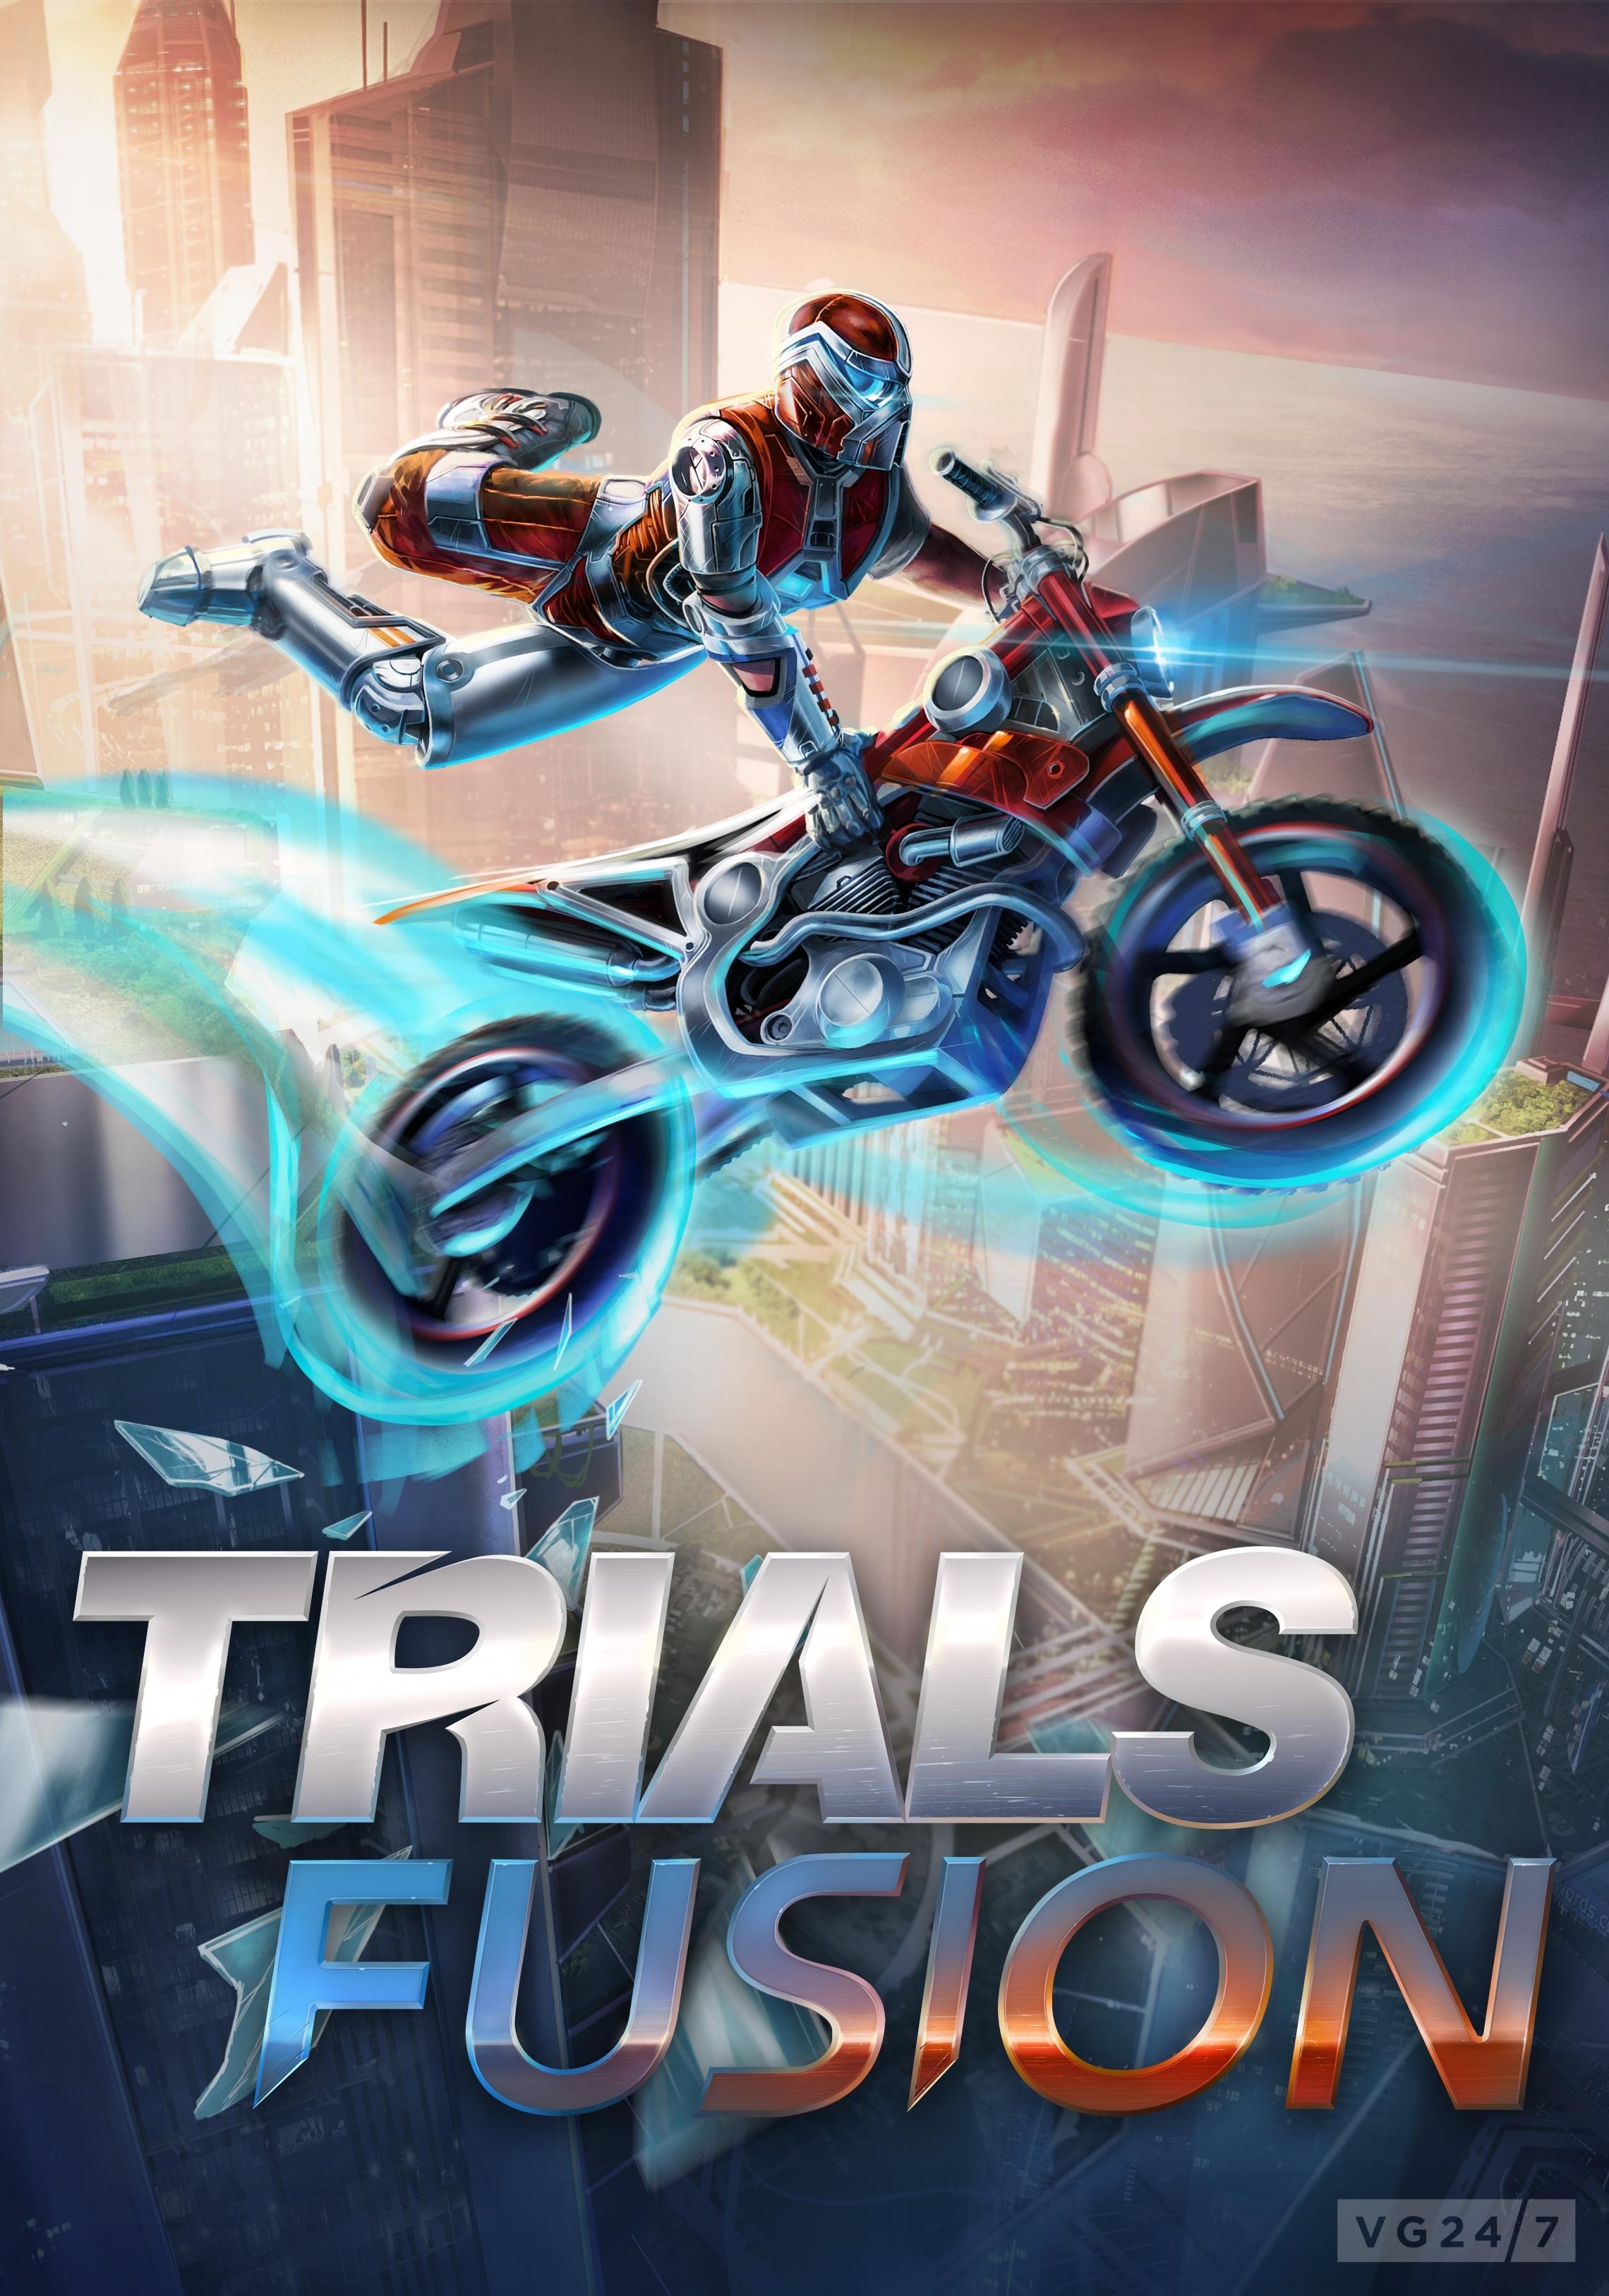 1370797232_trials_fusion_key_art_horizontal_4_e3_130610_4.15pmpt_psd